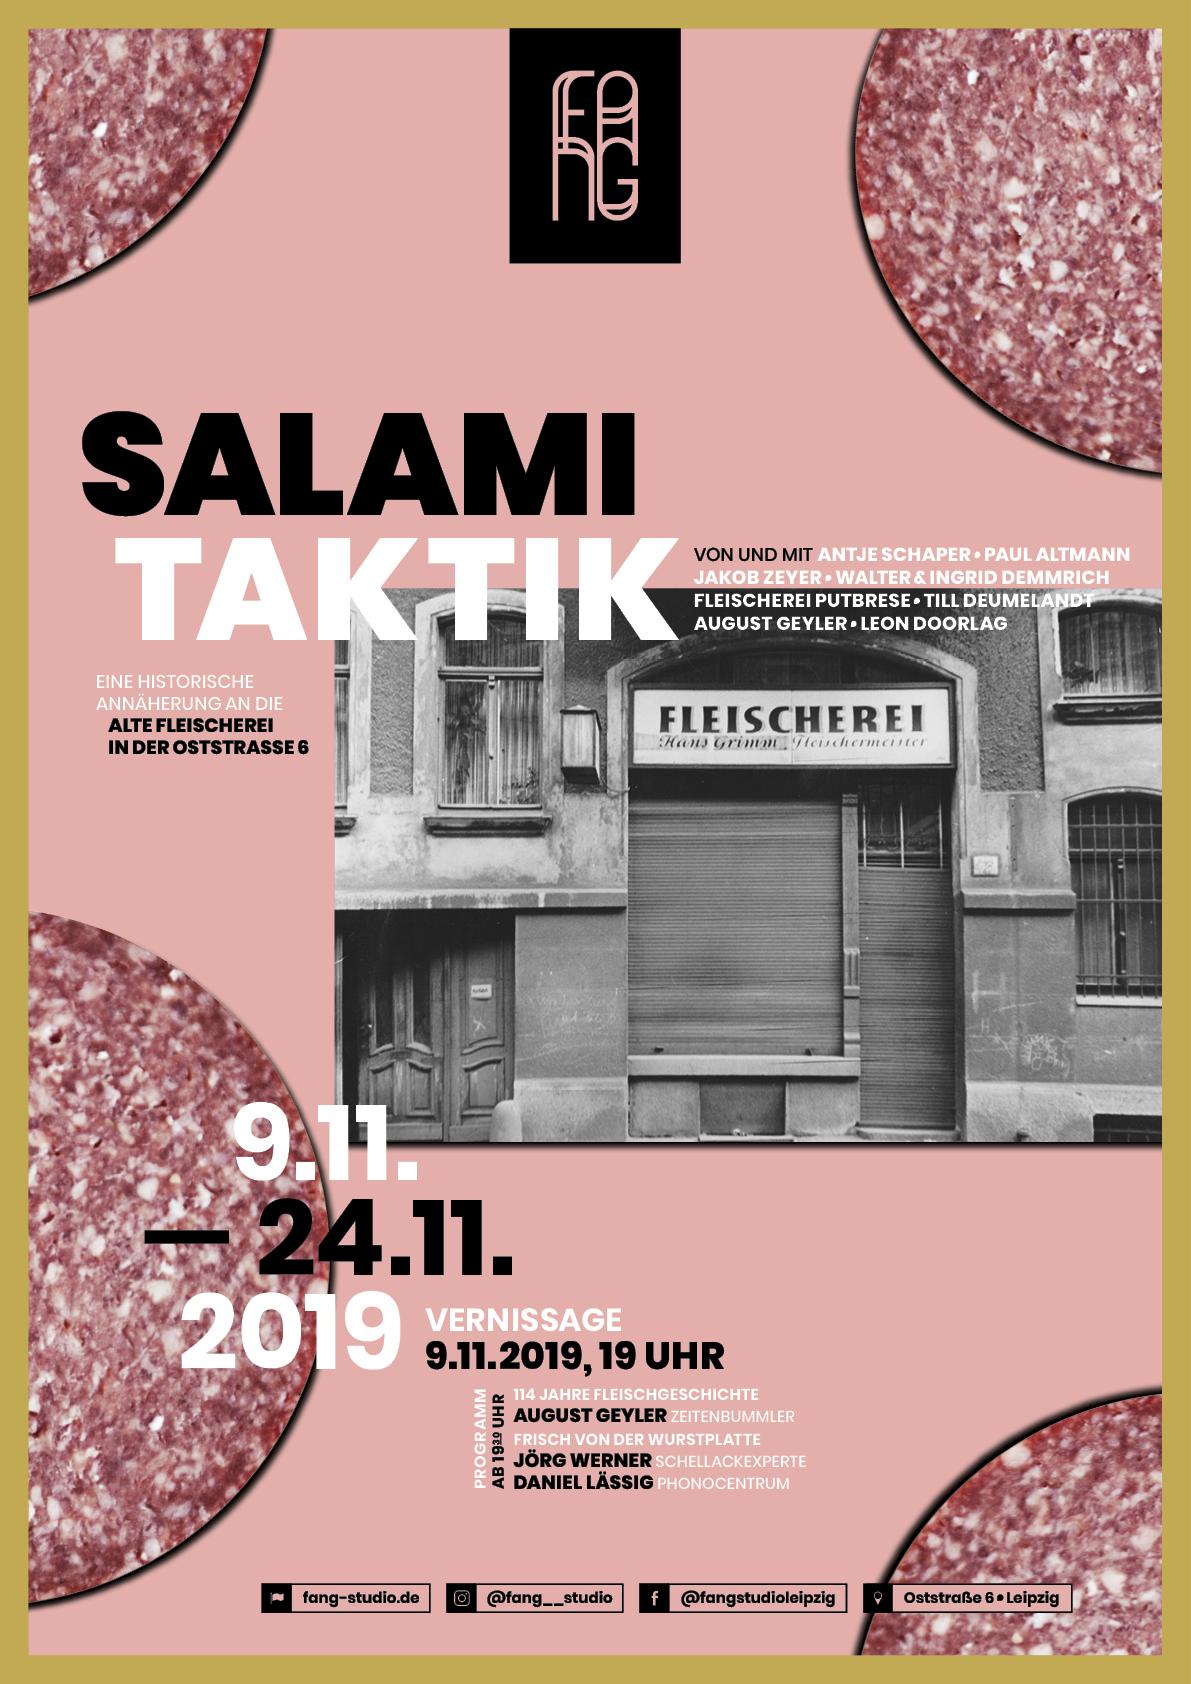 191022_salamitaktik_plakat_web